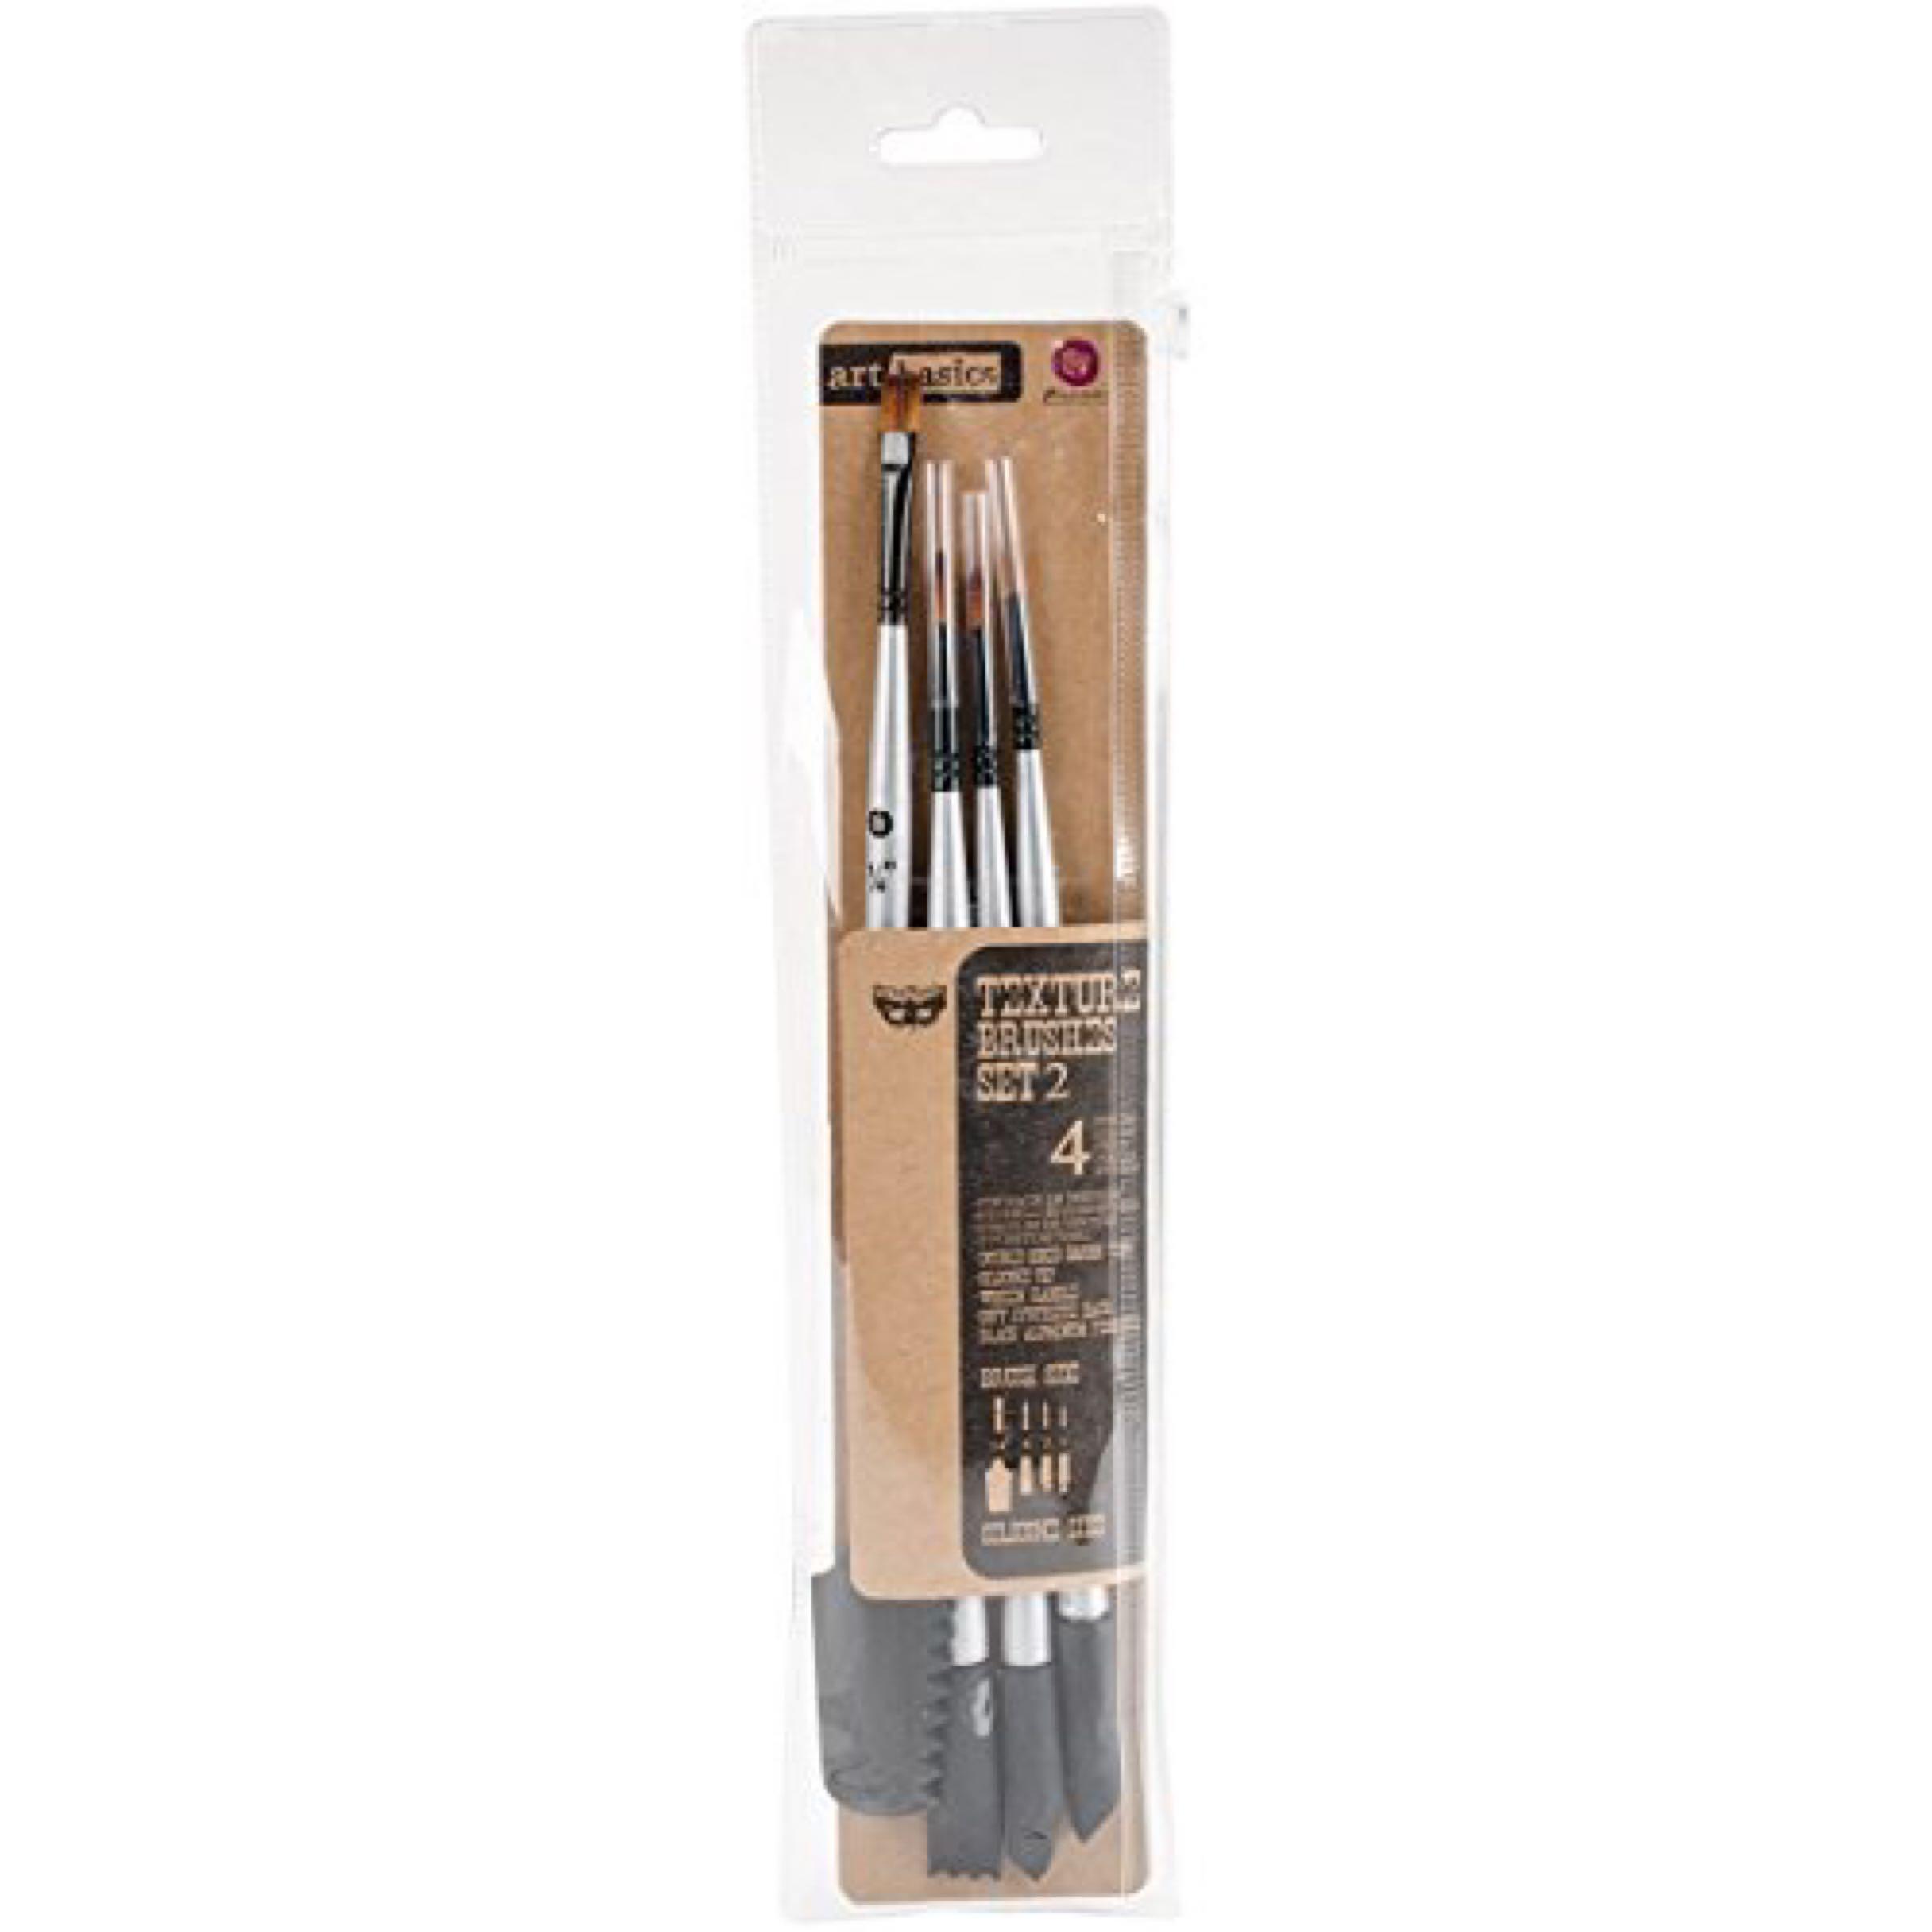 Finnabair Art Basics Double Ended  Texture Brushes - Set 2